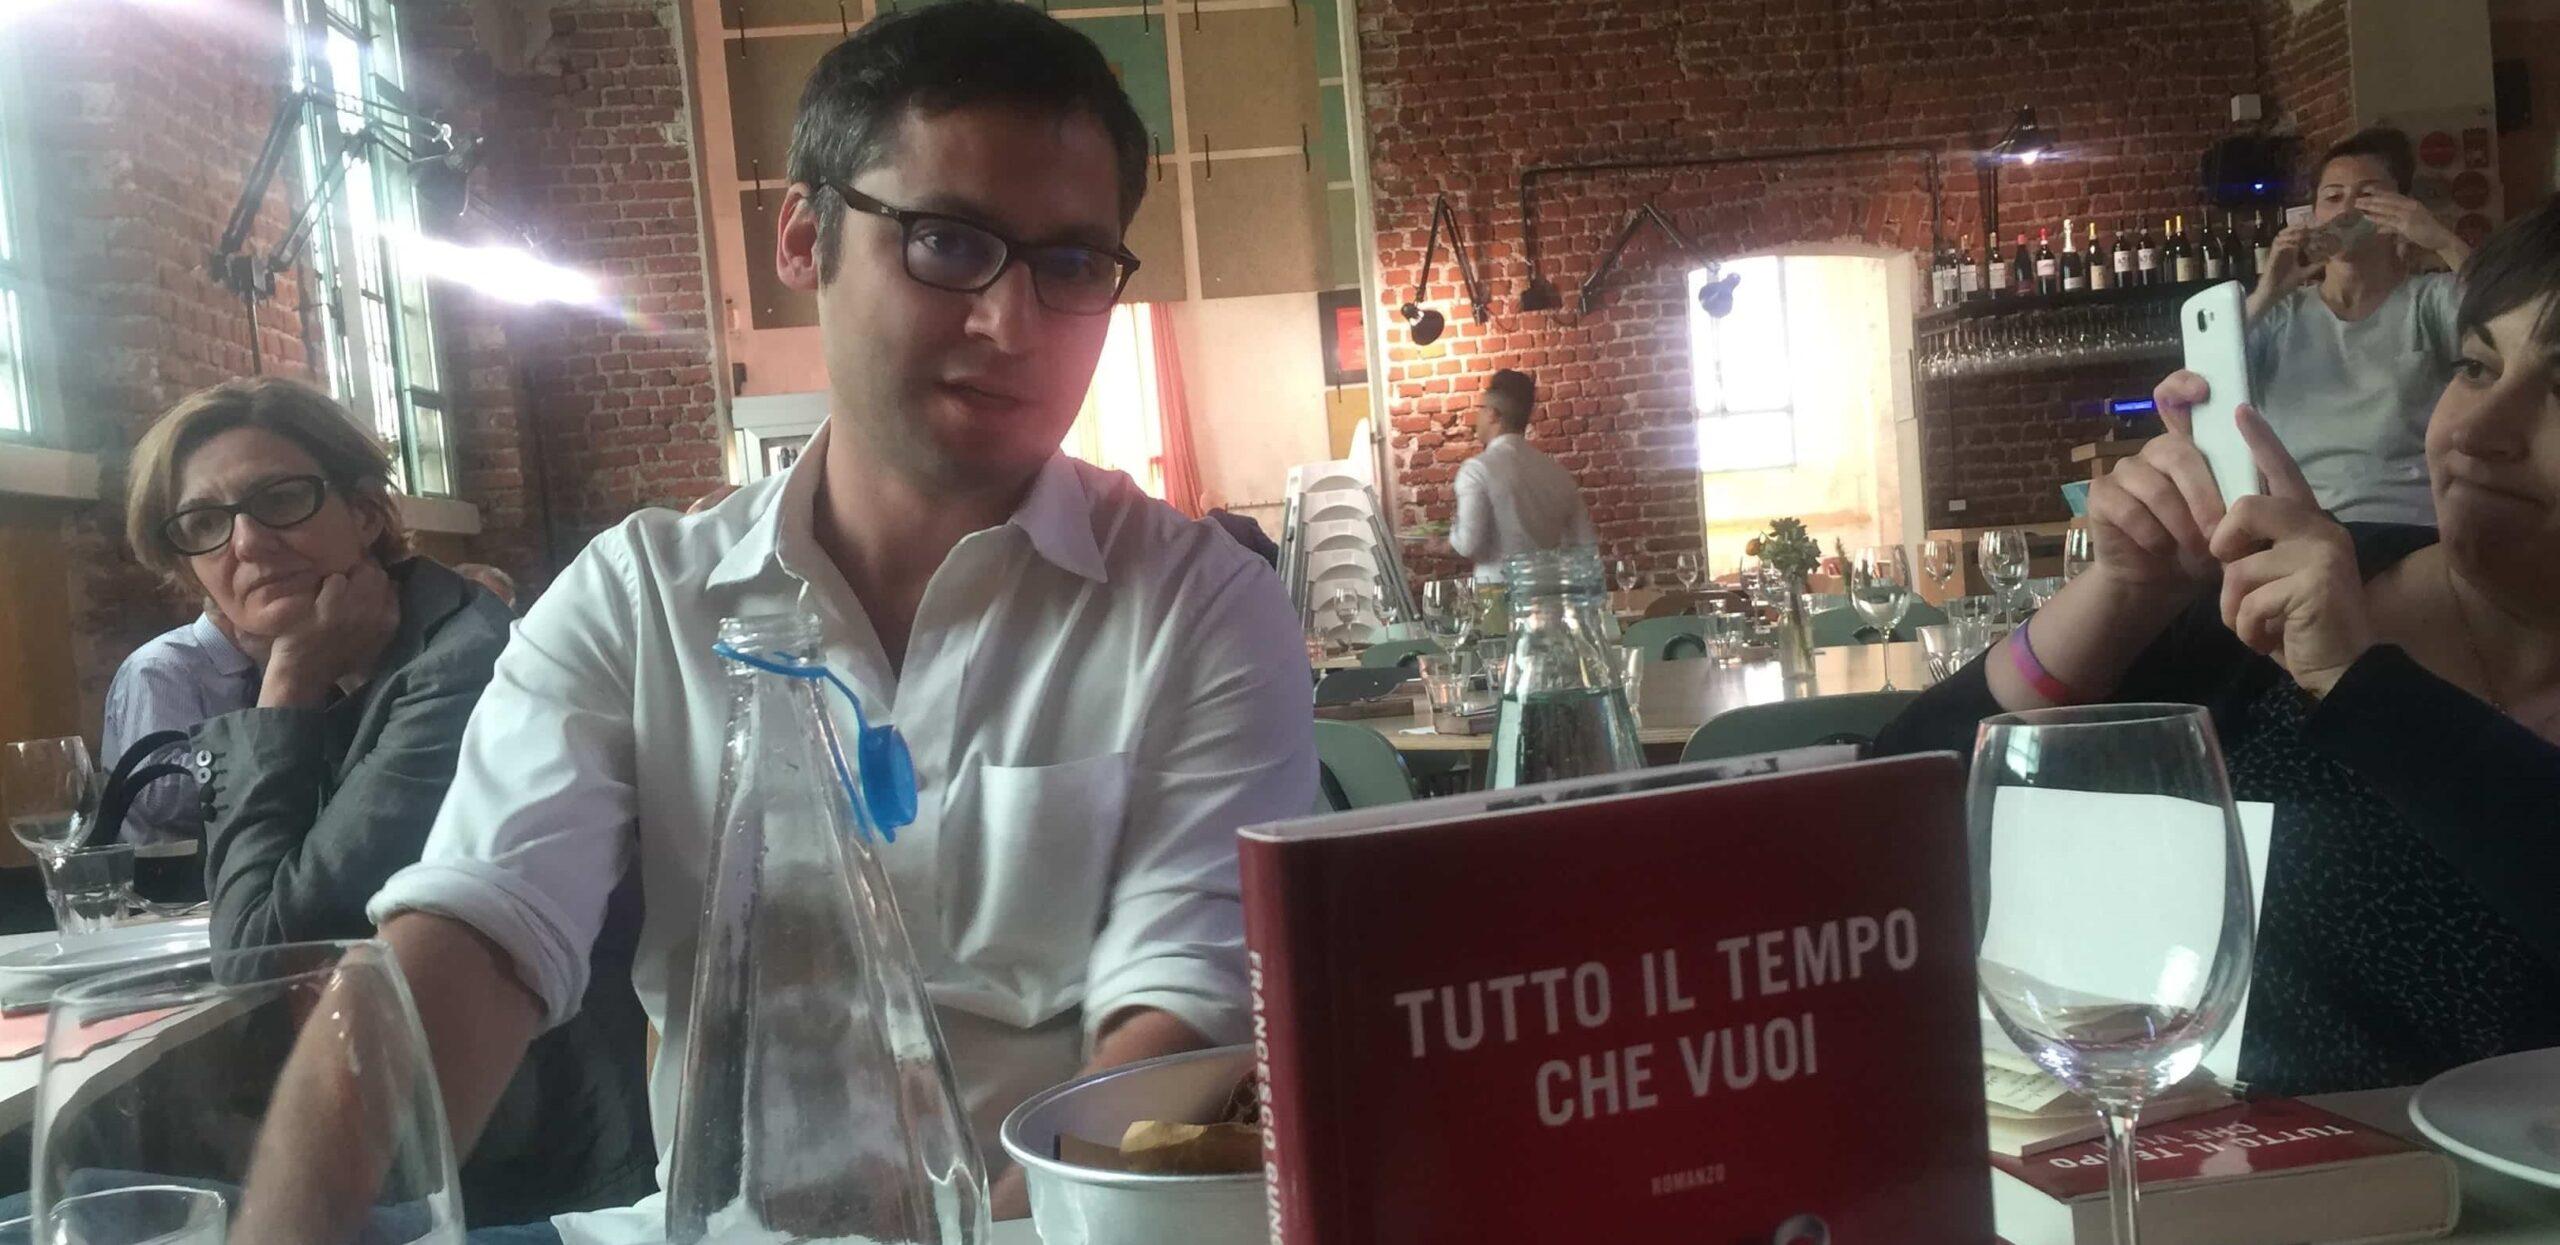 Intervista a Francesco Gungui – Tutto il tempo che vuoi